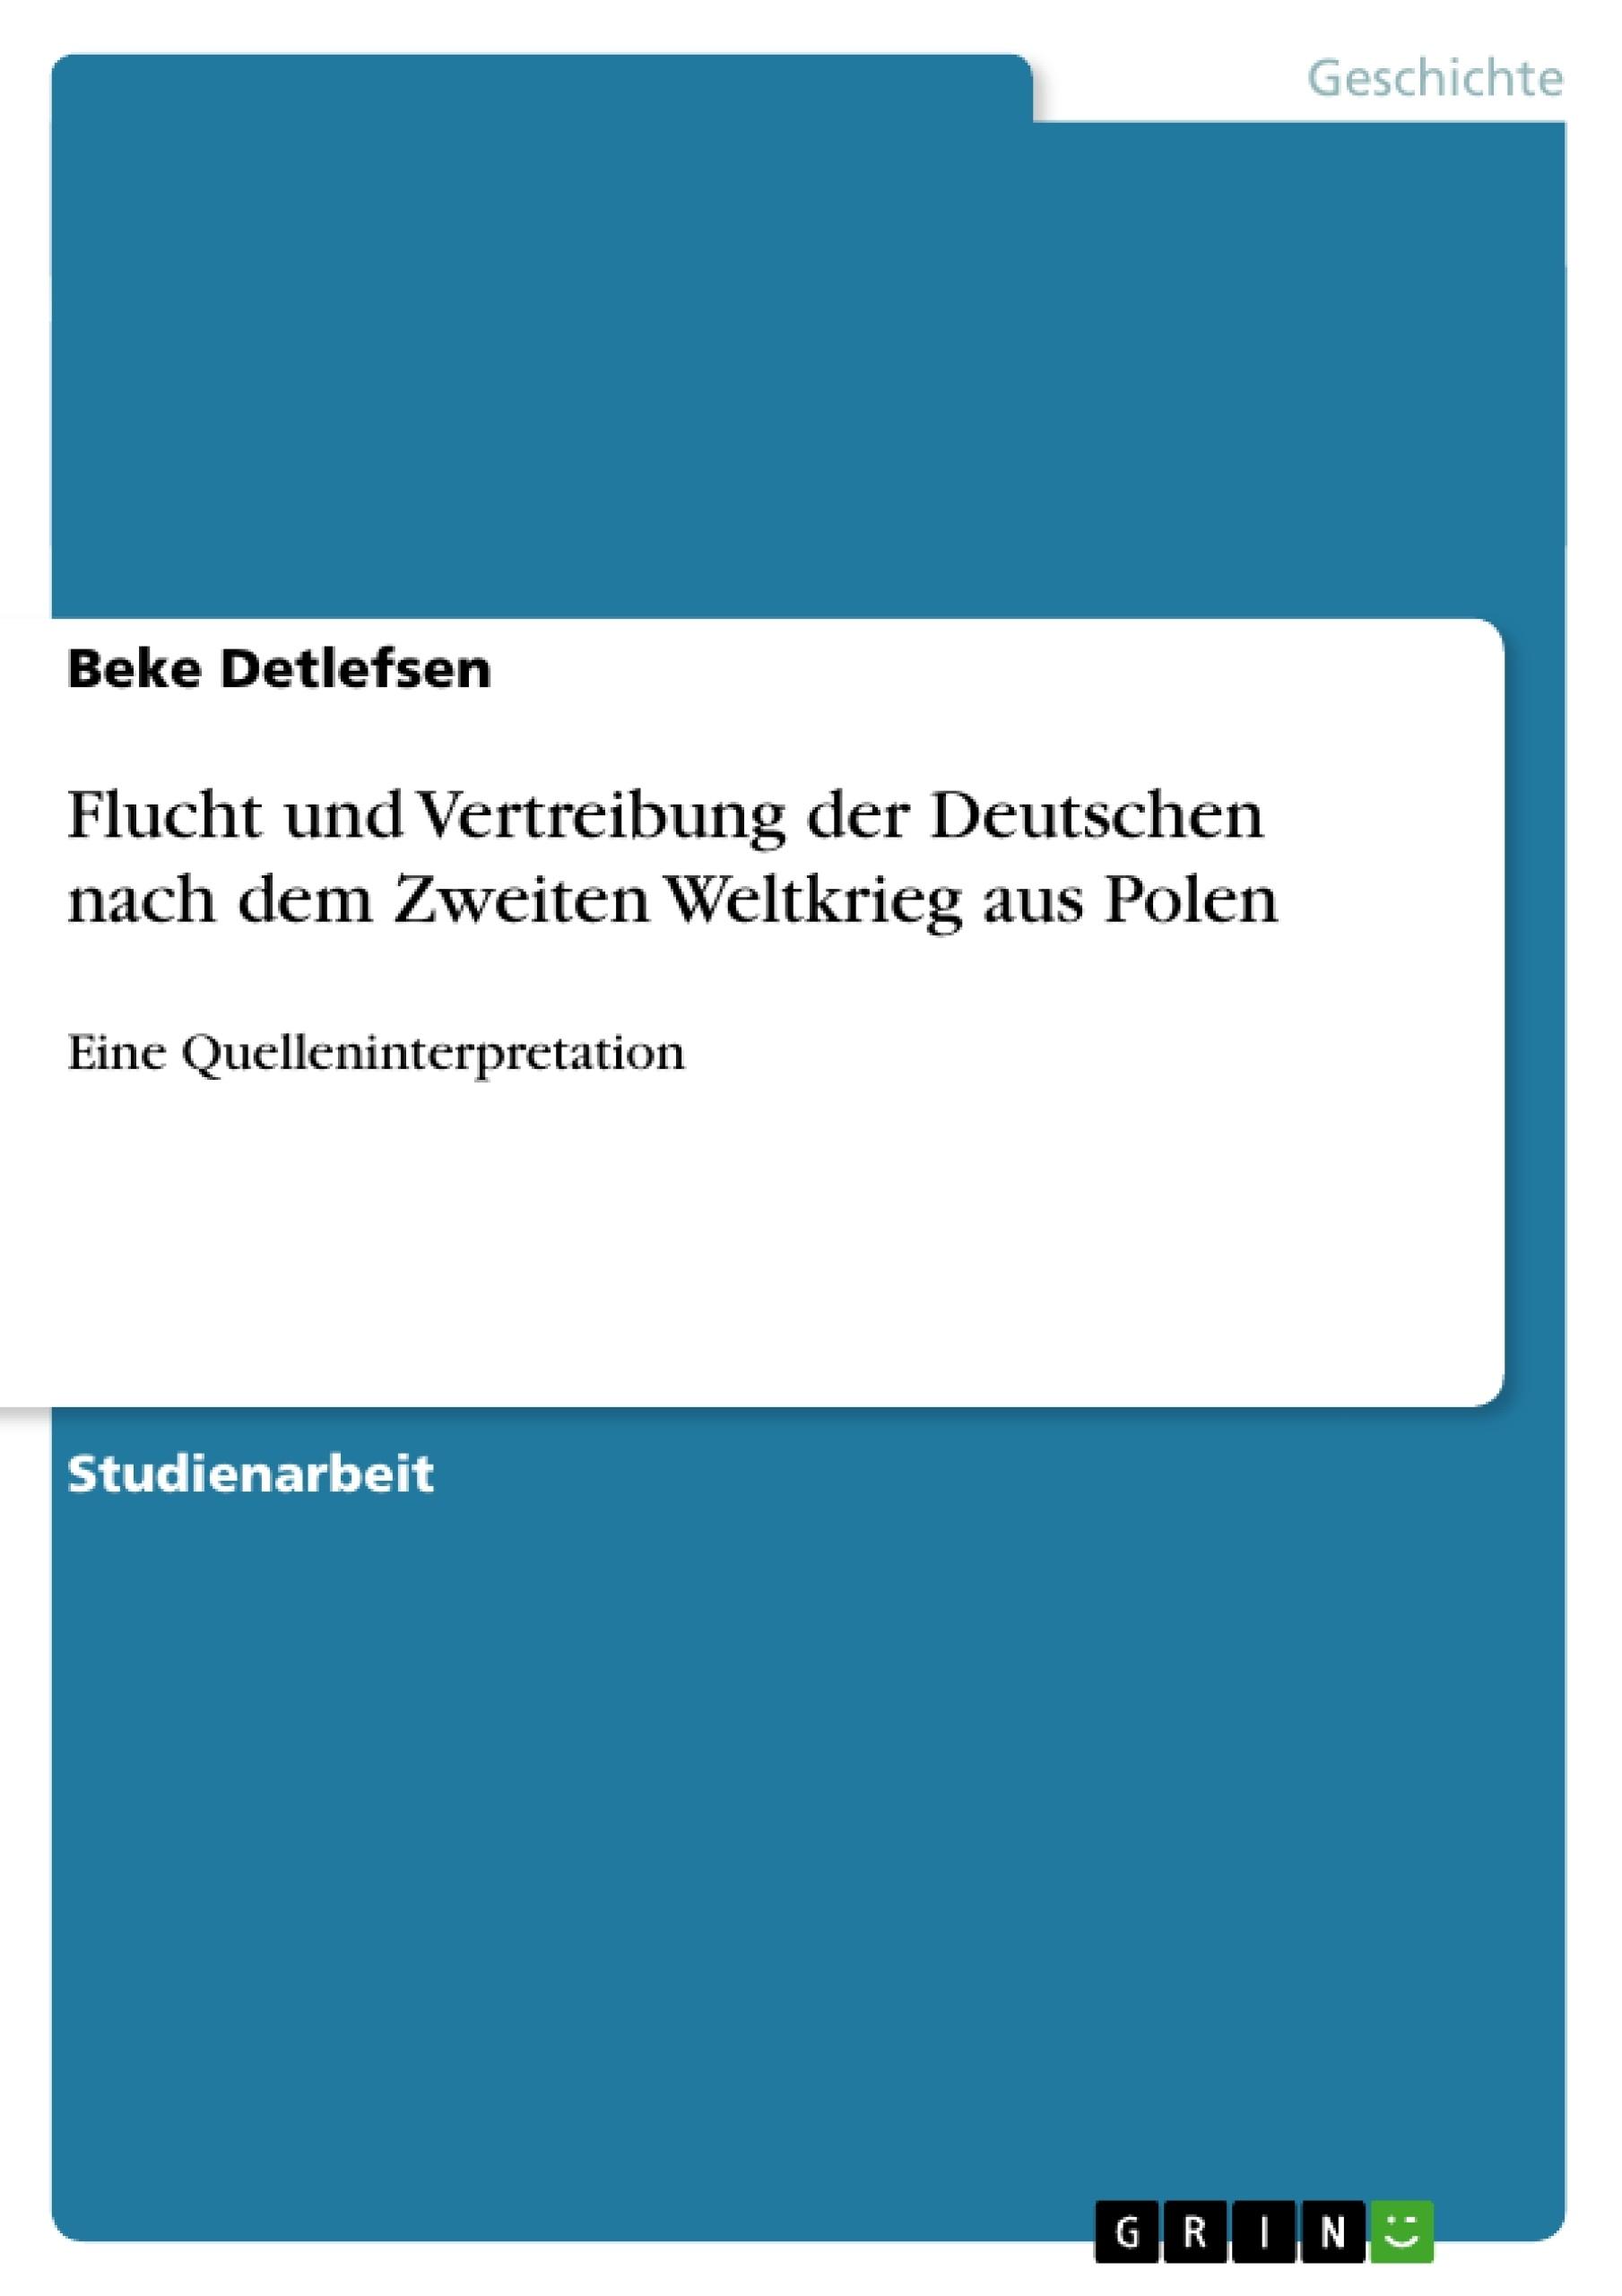 Titel: Flucht und Vertreibung der Deutschen nach dem Zweiten Weltkrieg aus Polen